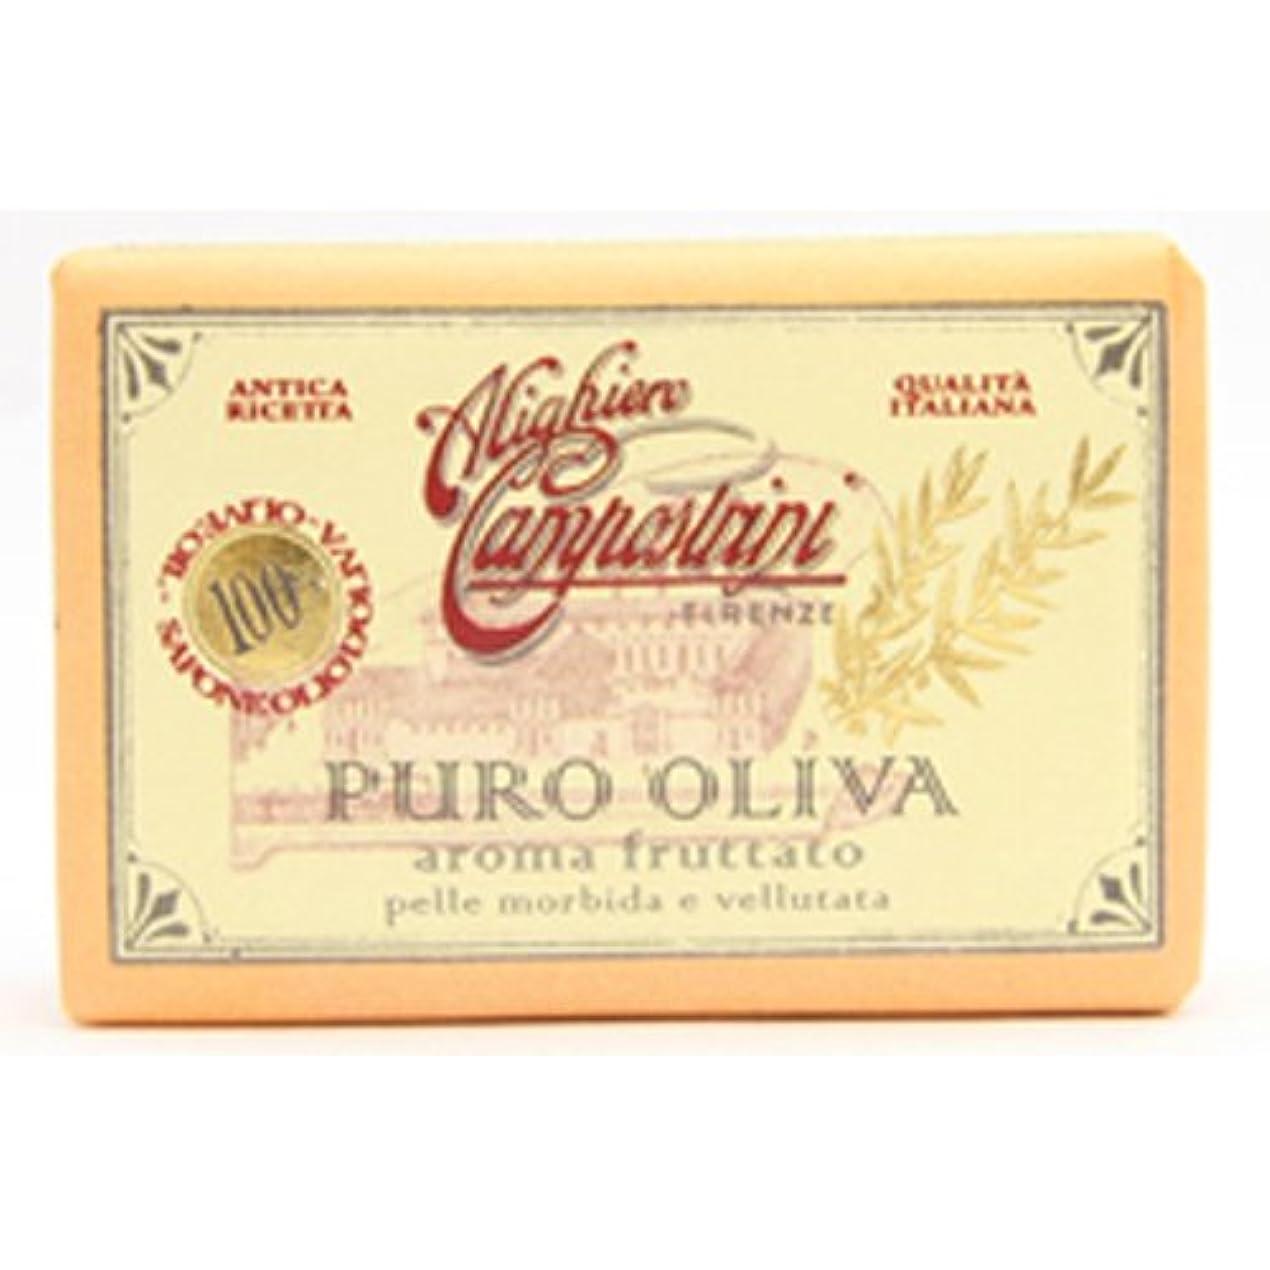 チャーミング羽コンパイルSaponerire Fissi サポネリーフィッシー PURO OLIVA Soap オリーブオイル ピュロ ソープ Aroma fruttato フルーツ(オレンジ)